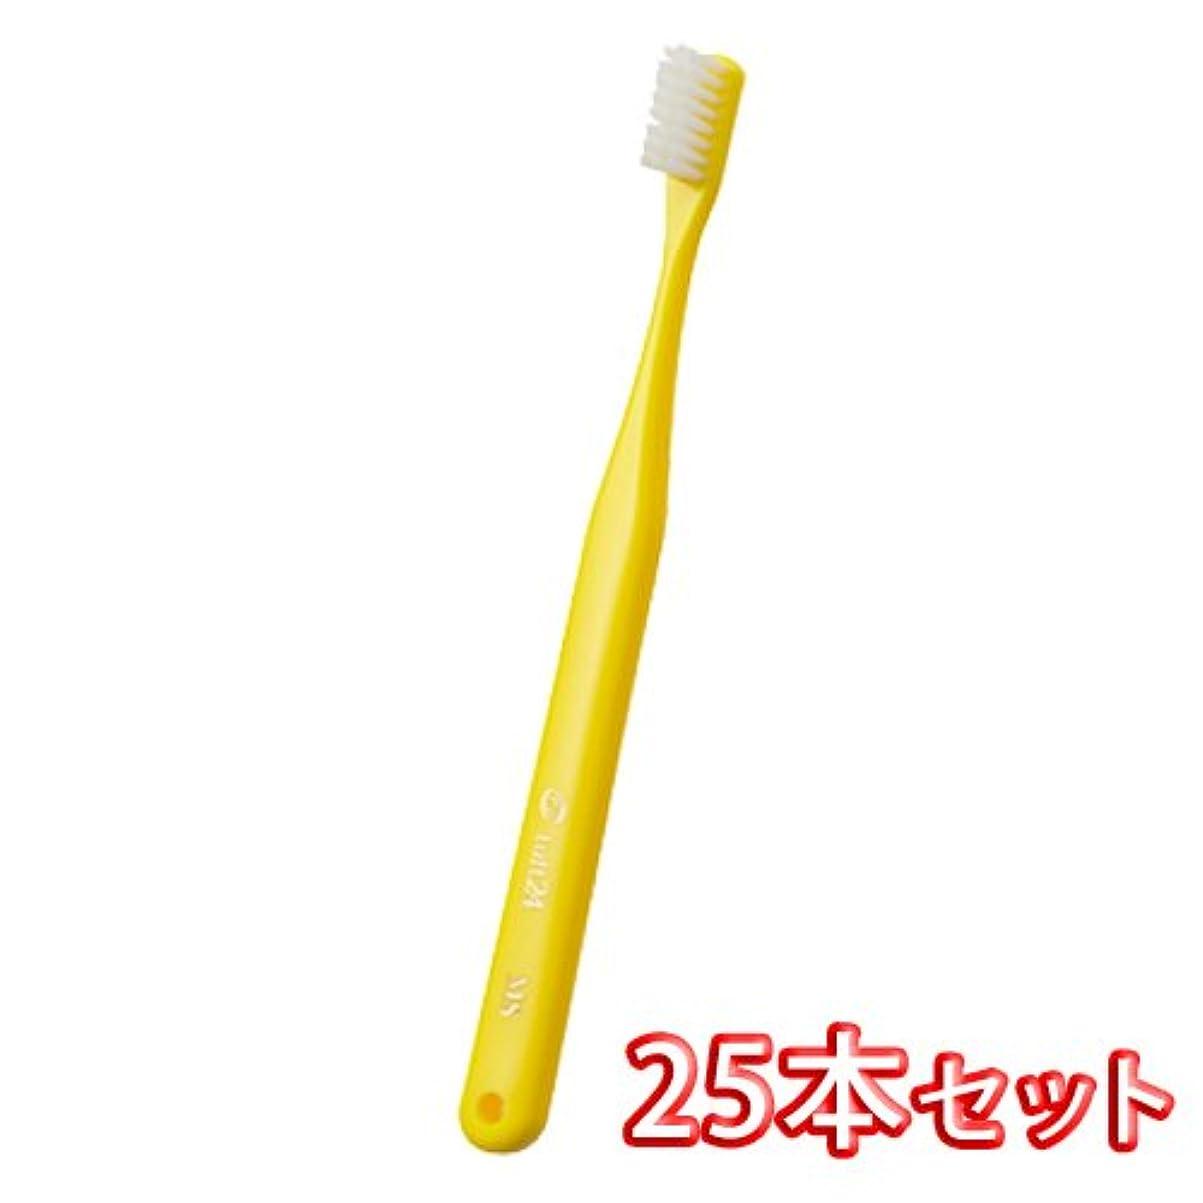 健康スパイスキッパーオーラルケア キャップ付き タフト 24 歯ブラシ 25本入 ミディアムハード MH (イエロー)